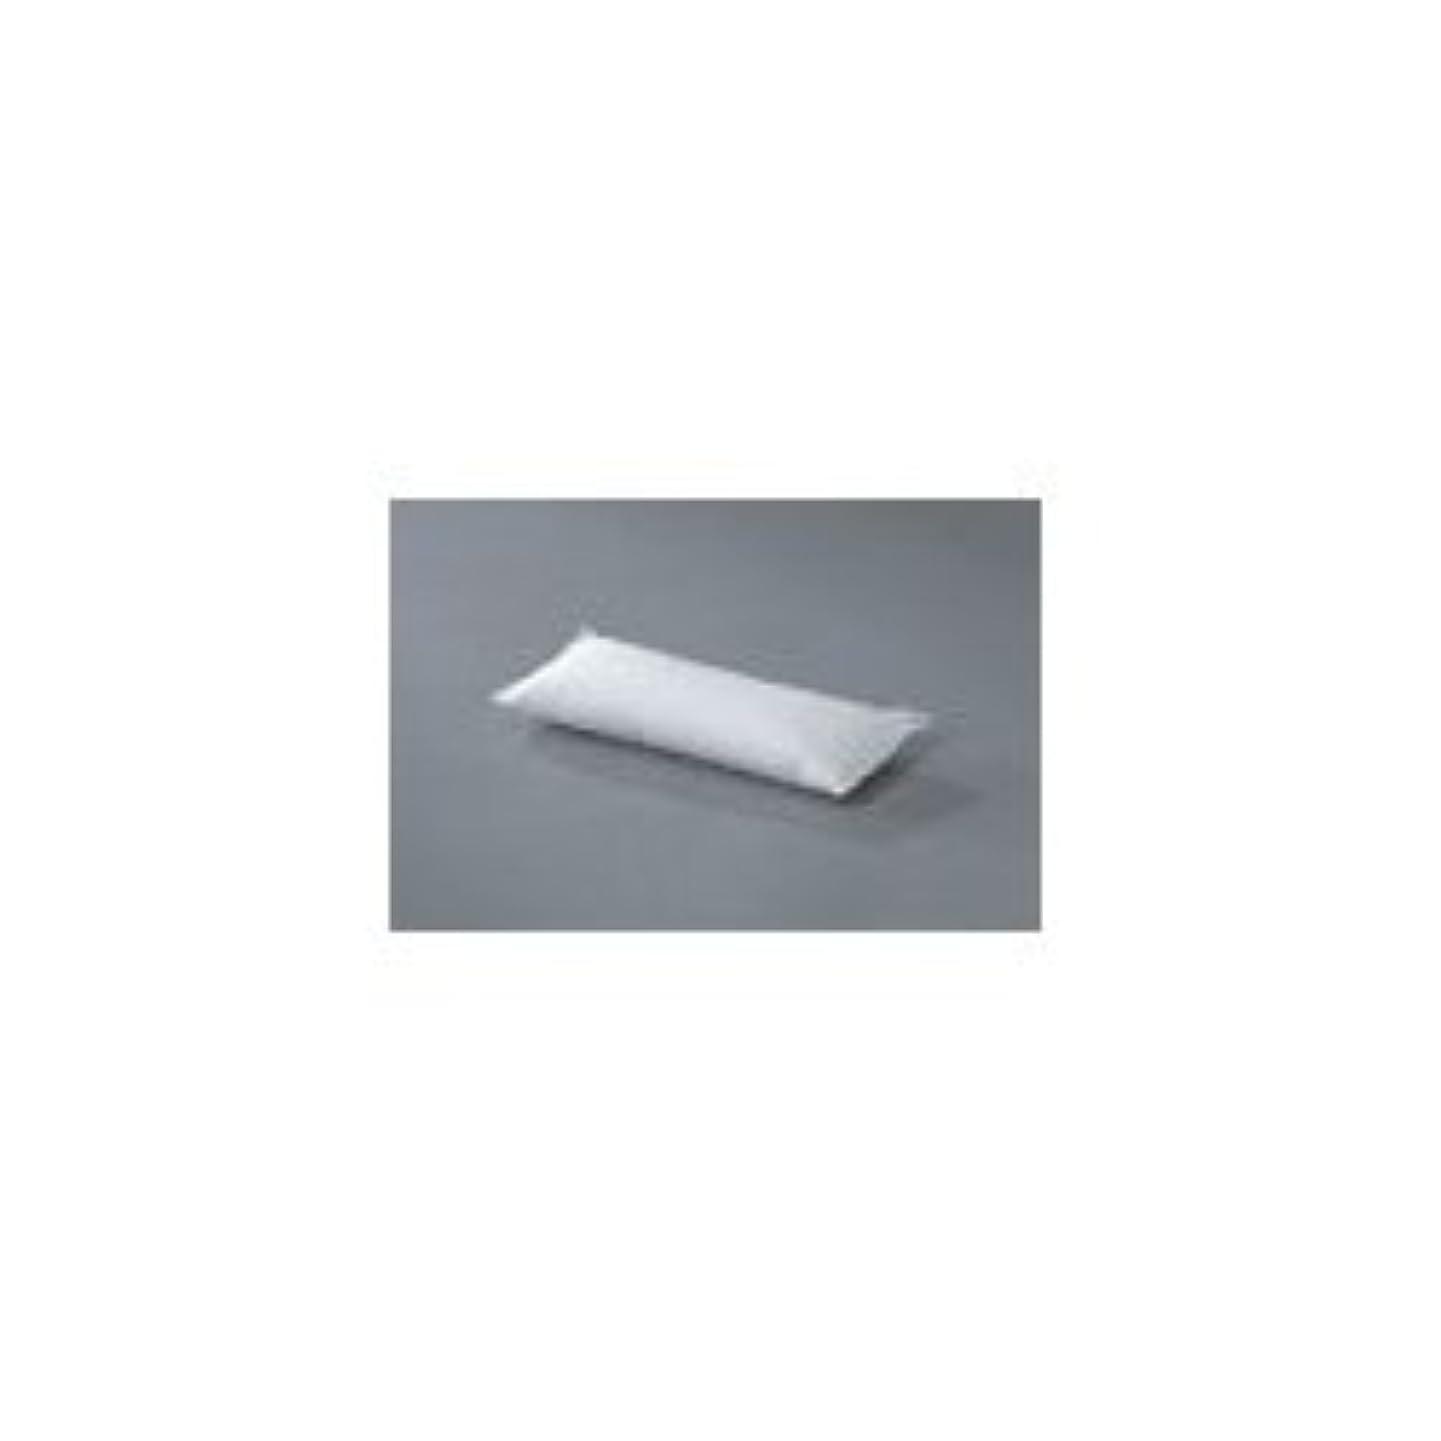 と組むマイクロ瀬戸際ジャノメ 24時間風呂 クリーンバスユニット専用電解促進剤 CLパック 7袋 (クリーンパック)